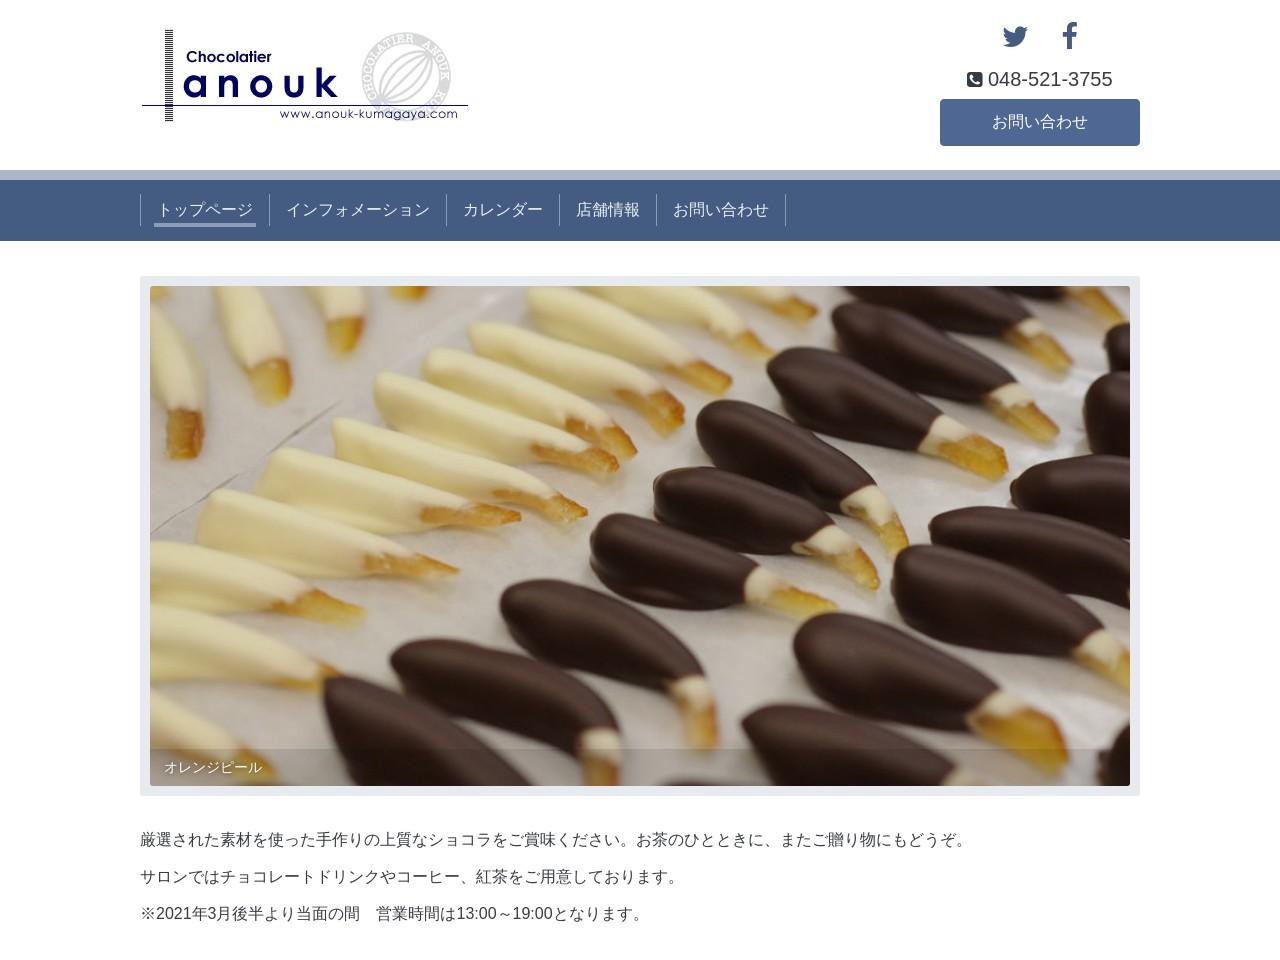 手作りのチョコレート専門店 ショコラティエ・アヌーク